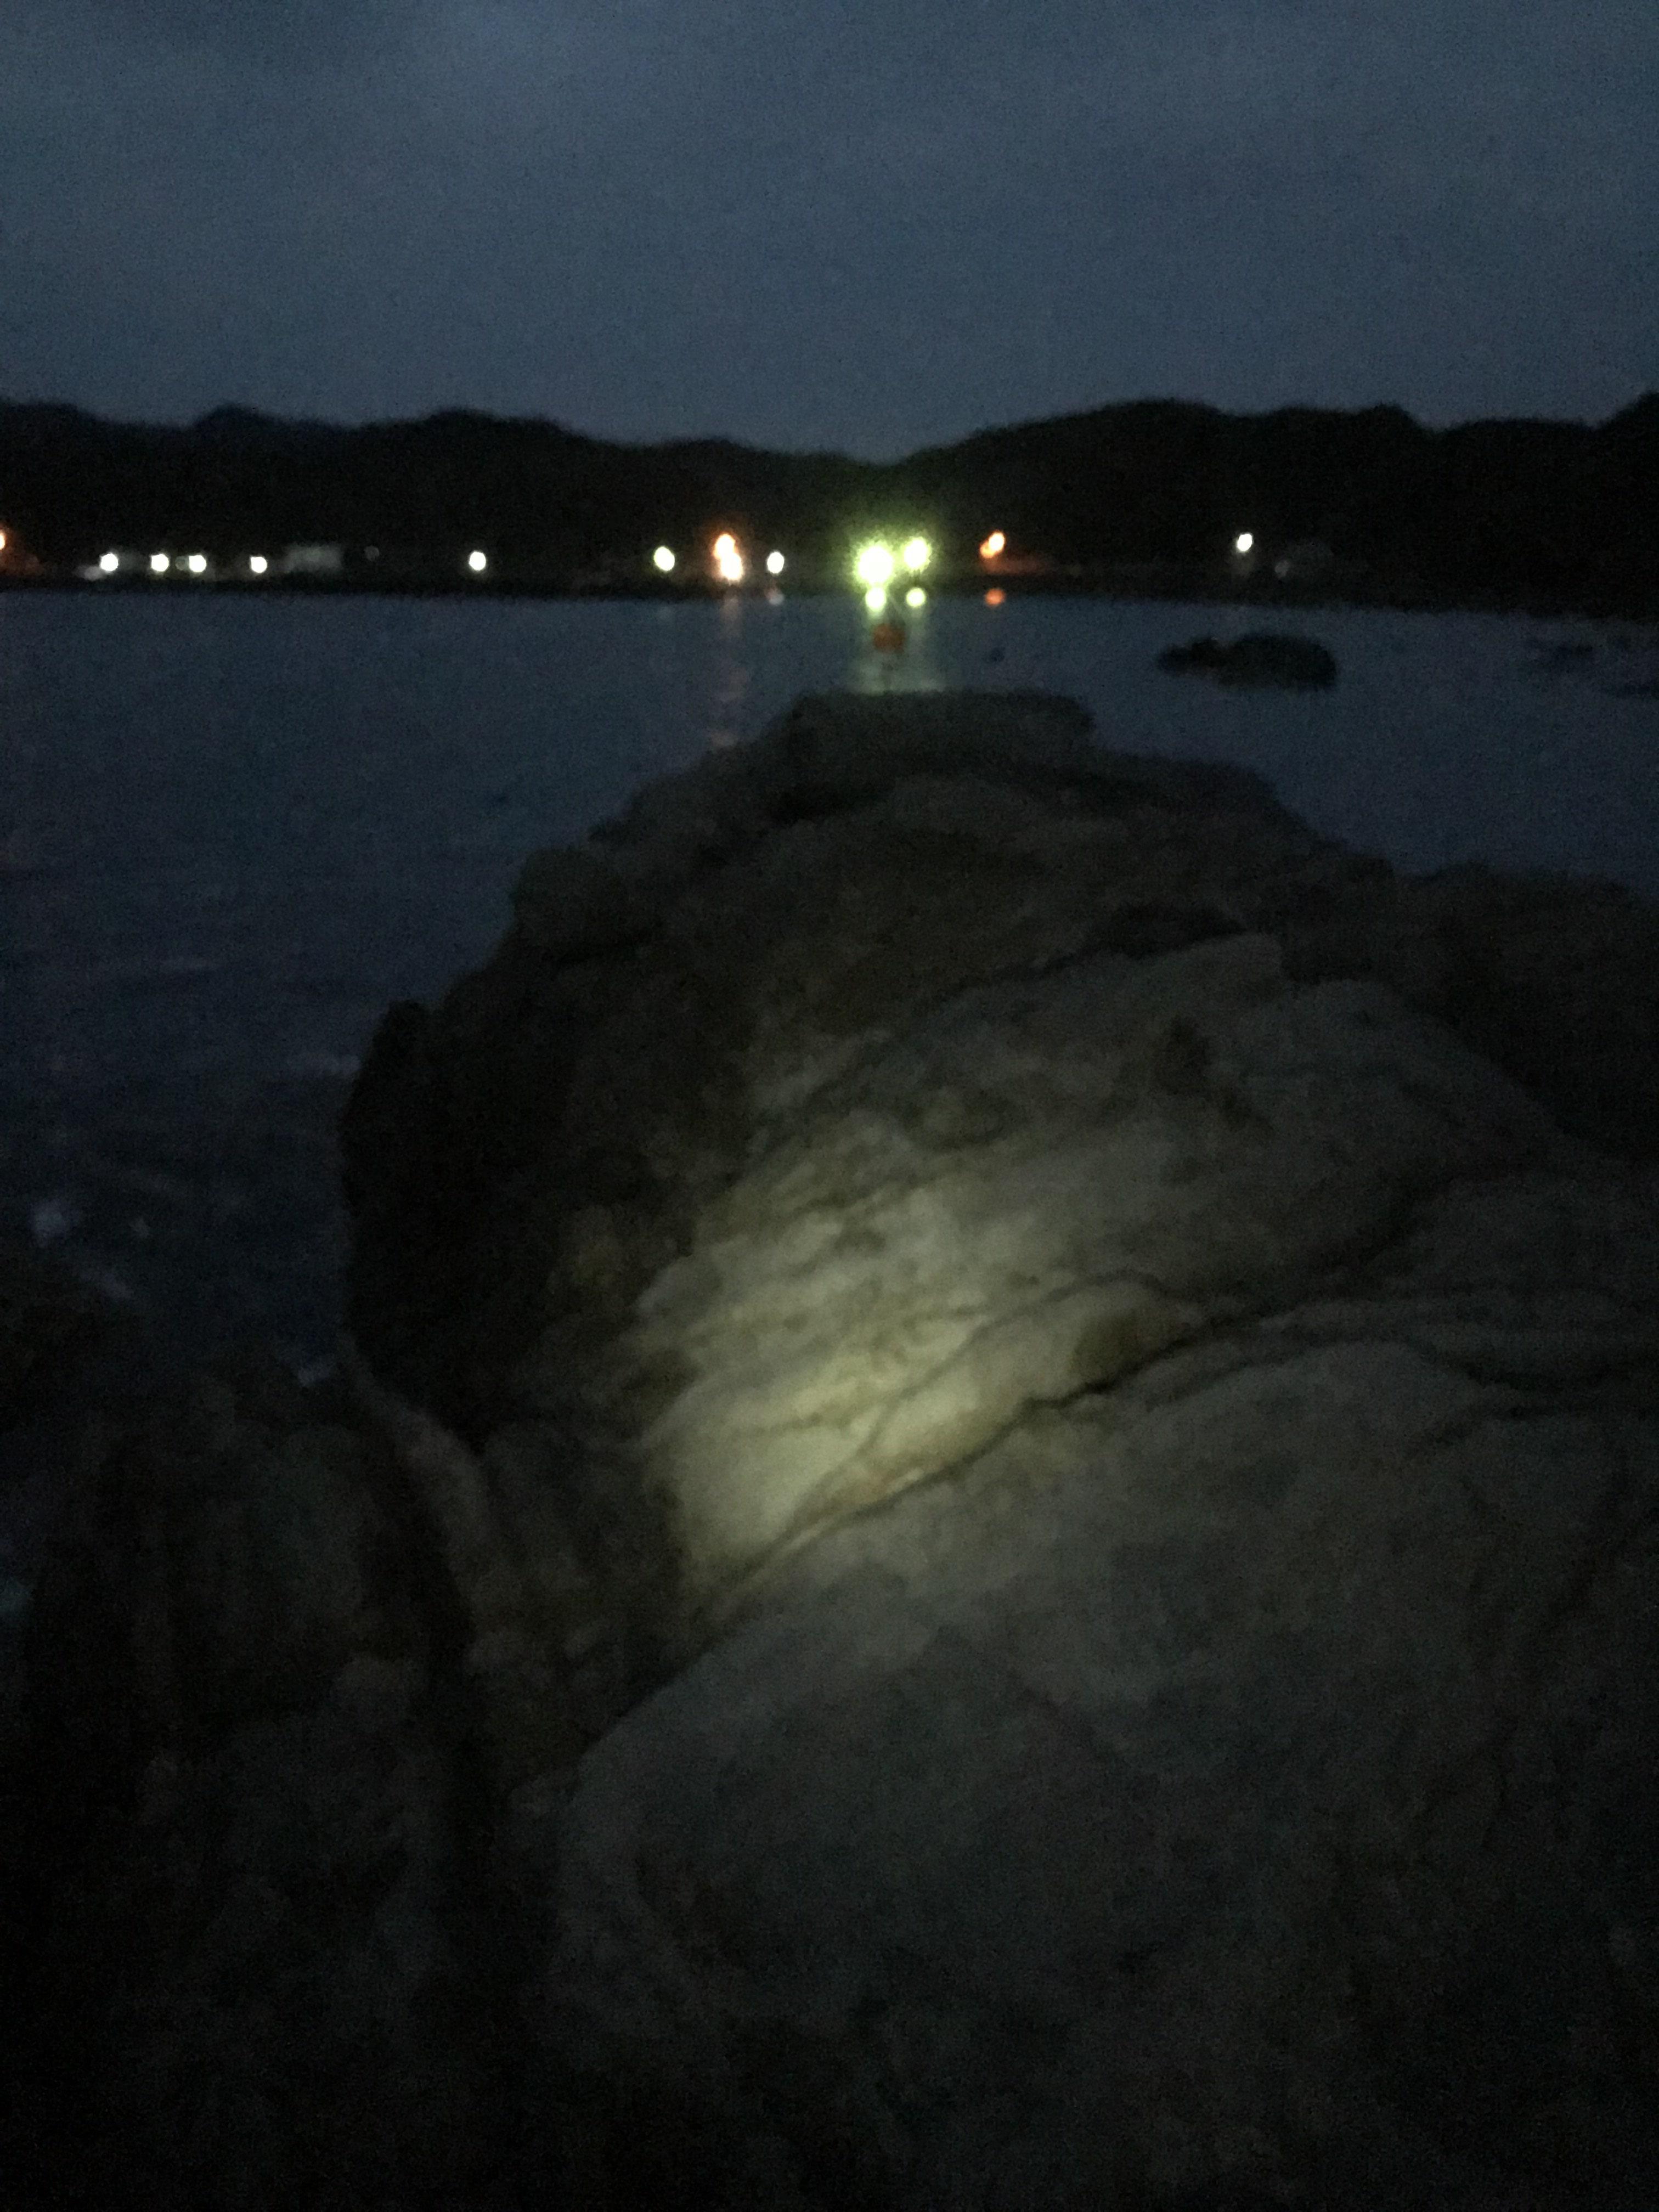 田並地磯アズエ・コアズエの釣り場紹介、和歌山南紀串本のエギングでオススメの地磯